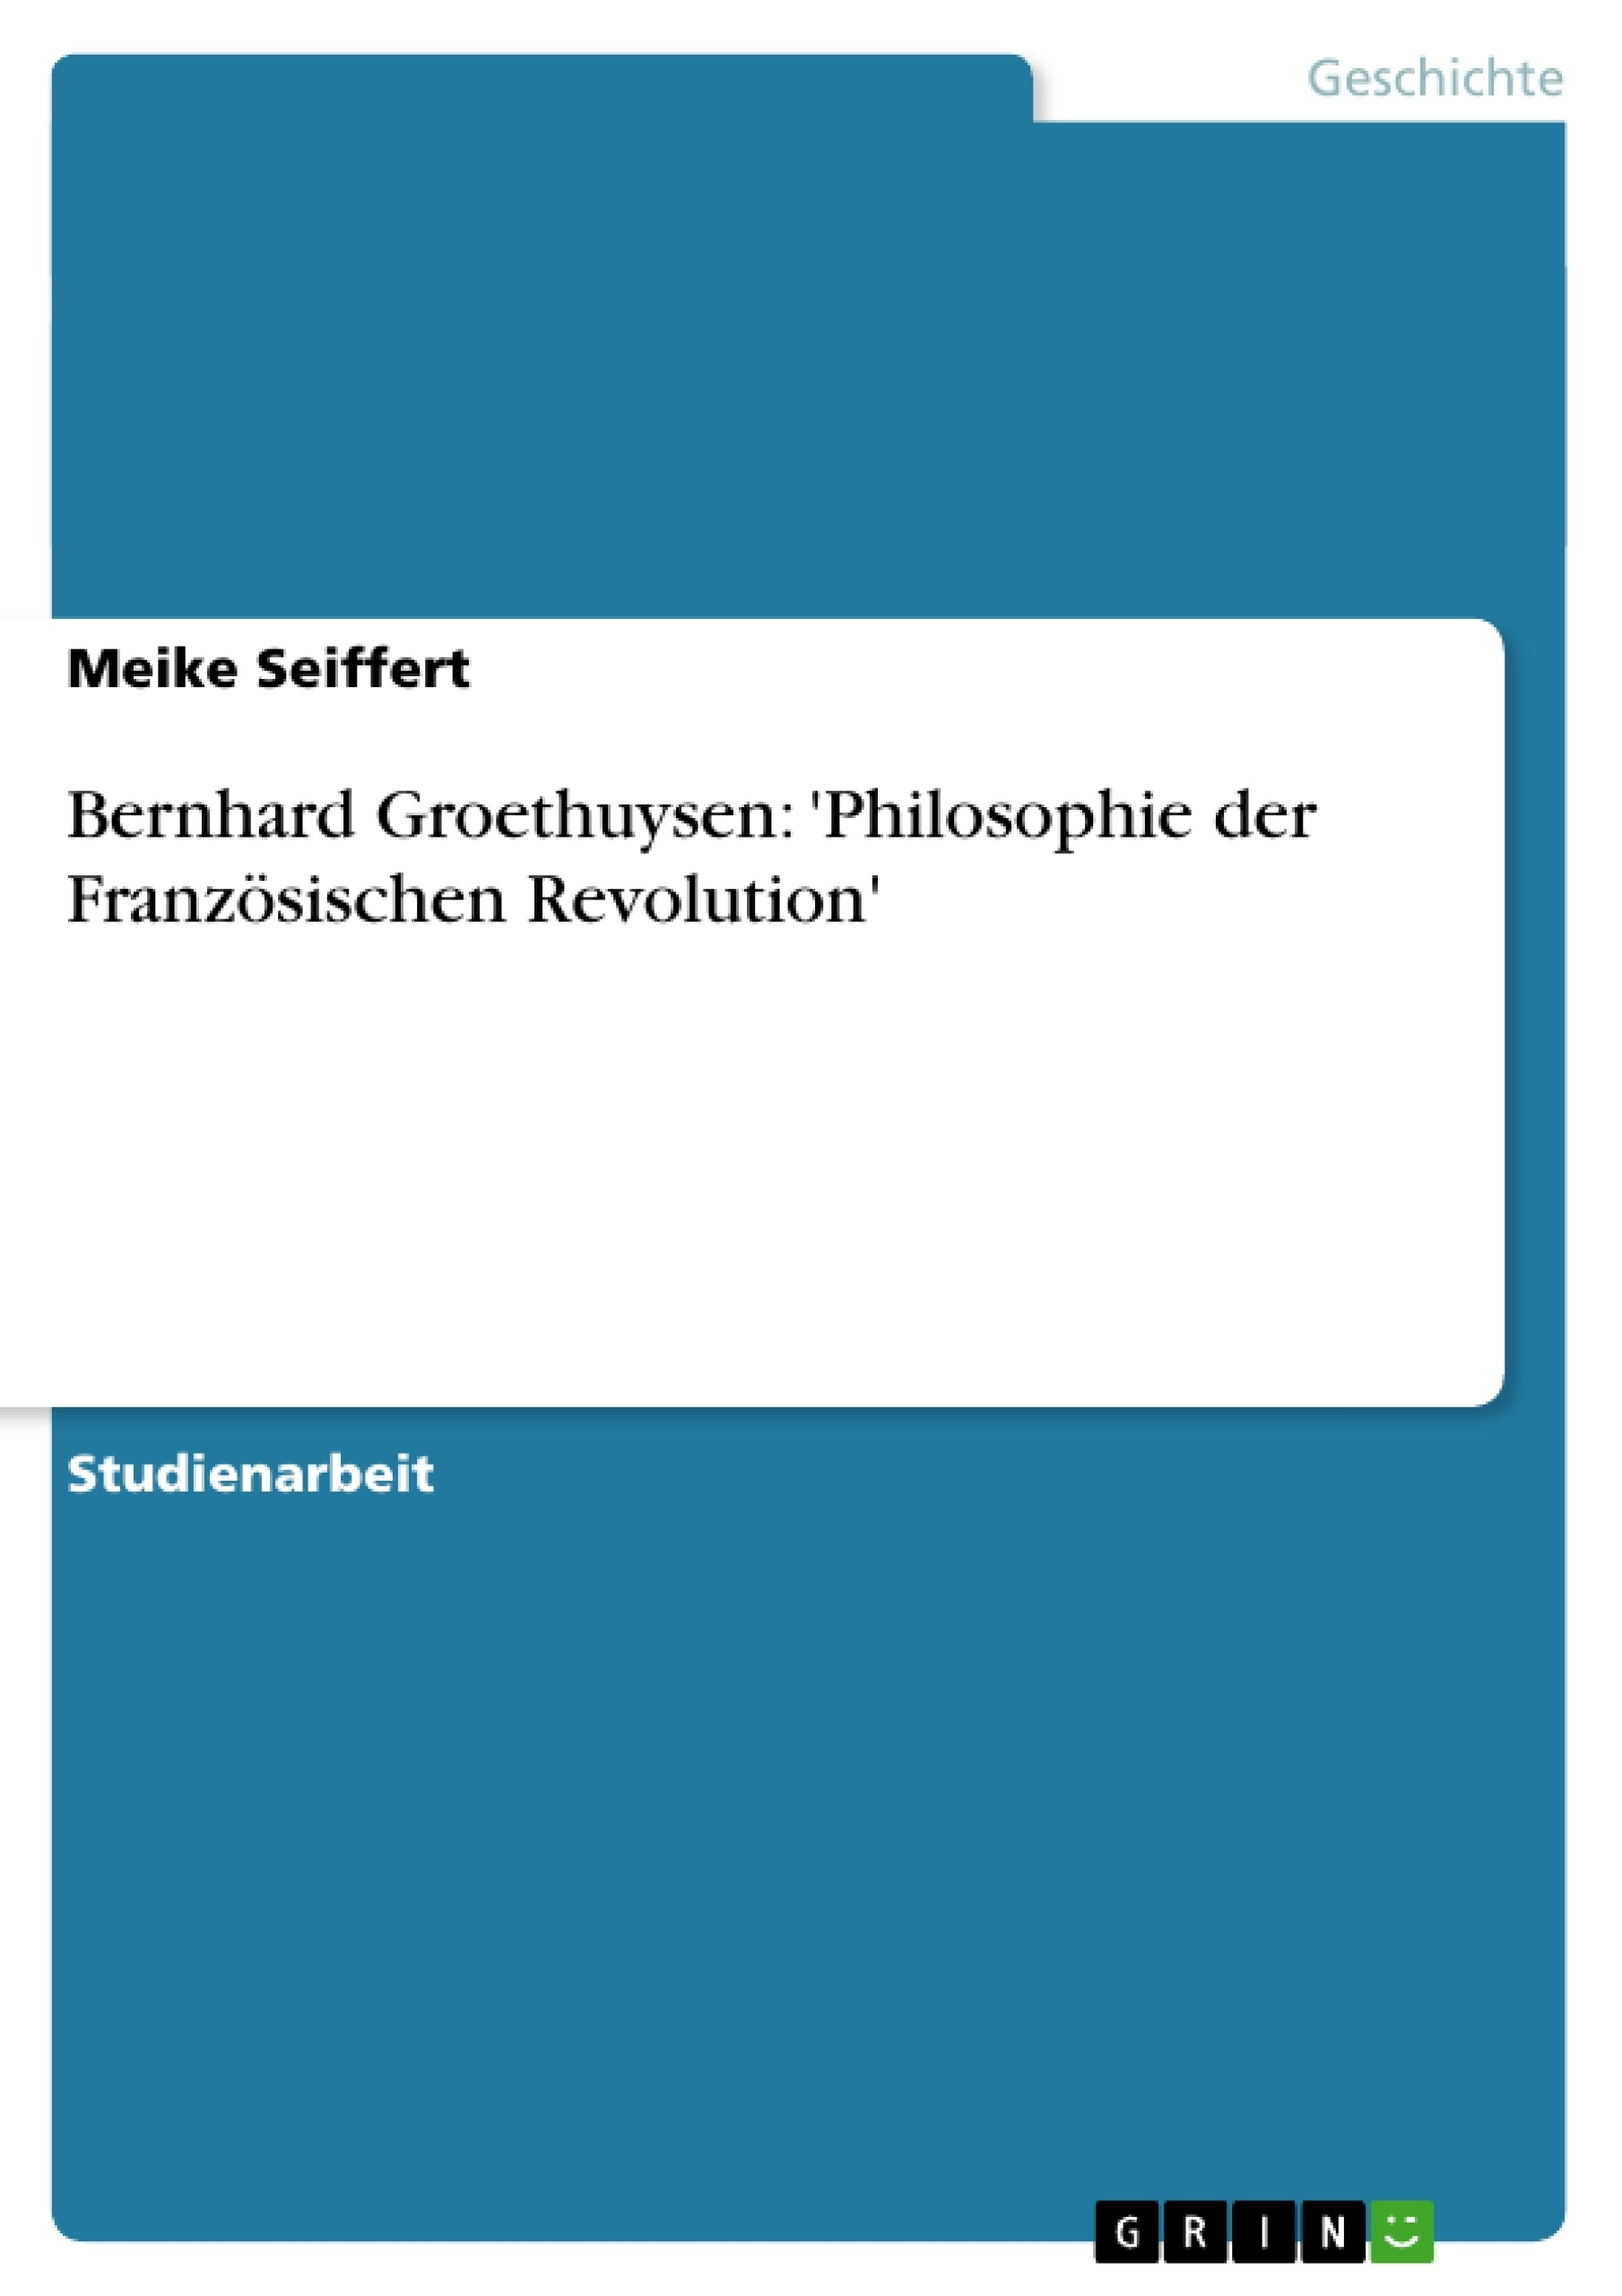 Titel: Bernhard Groethuysen: 'Philosophie der Französischen Revolution'